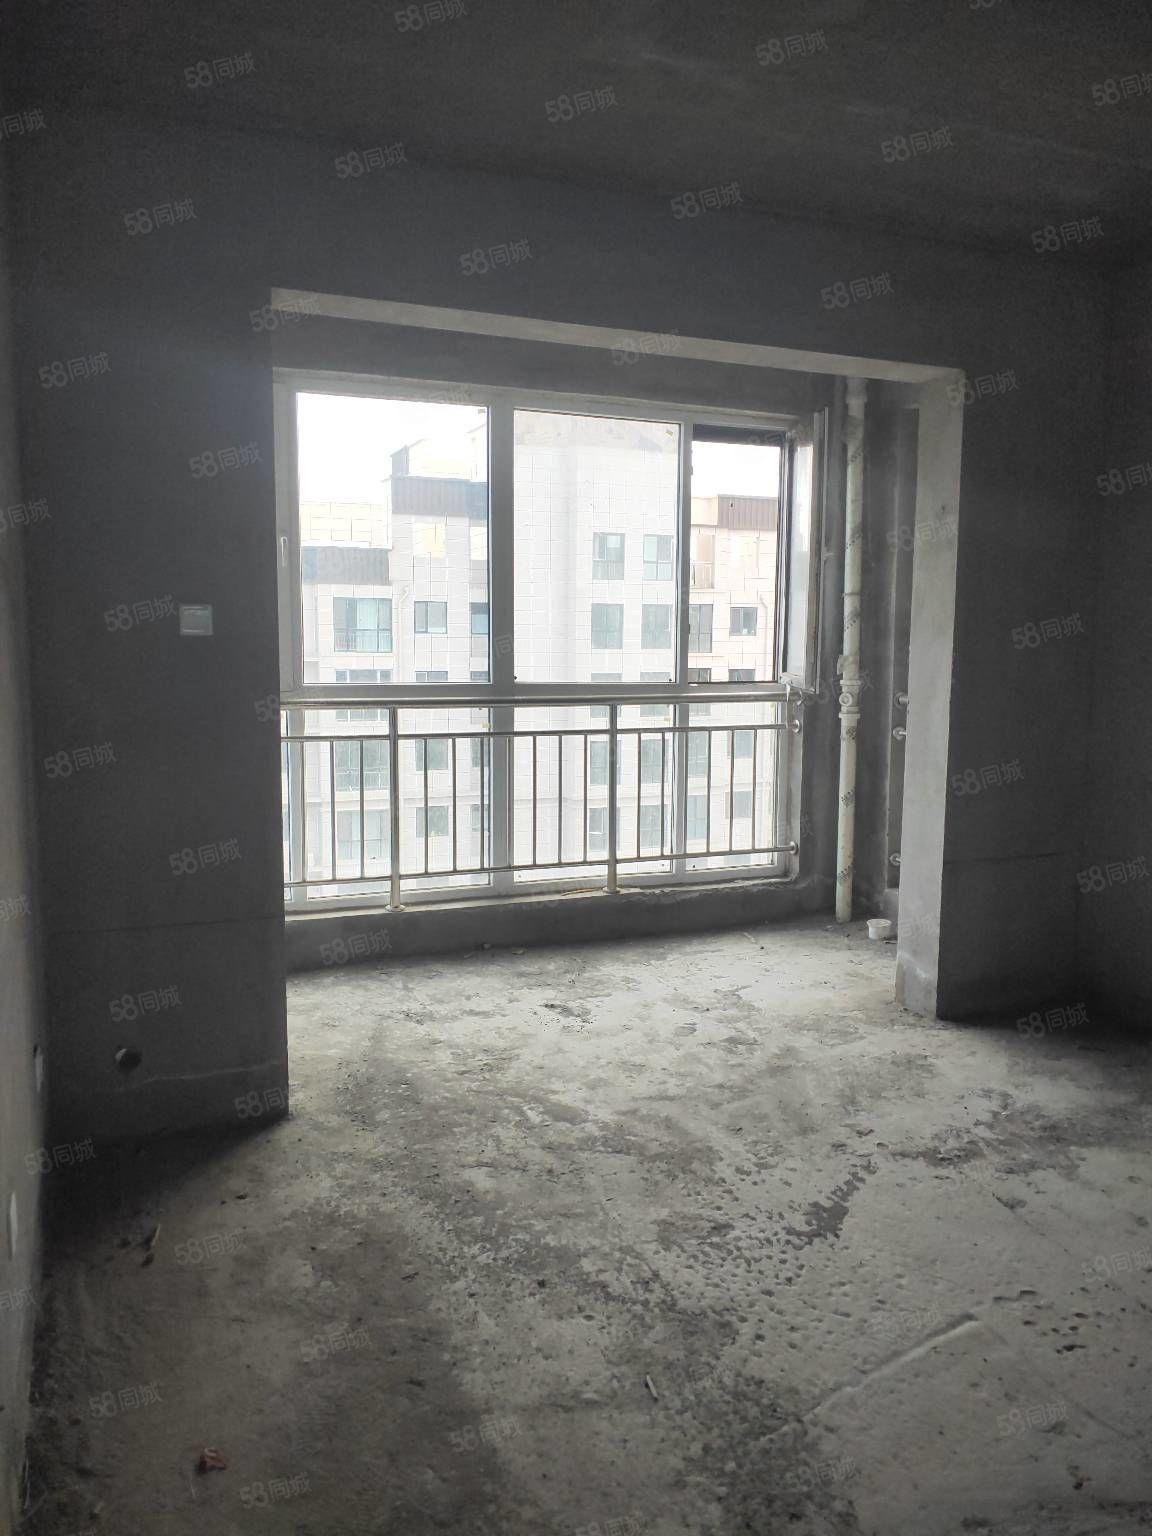 红旗渠大道,香格里拉电梯高层,三室一厅,户型方正采光良好。